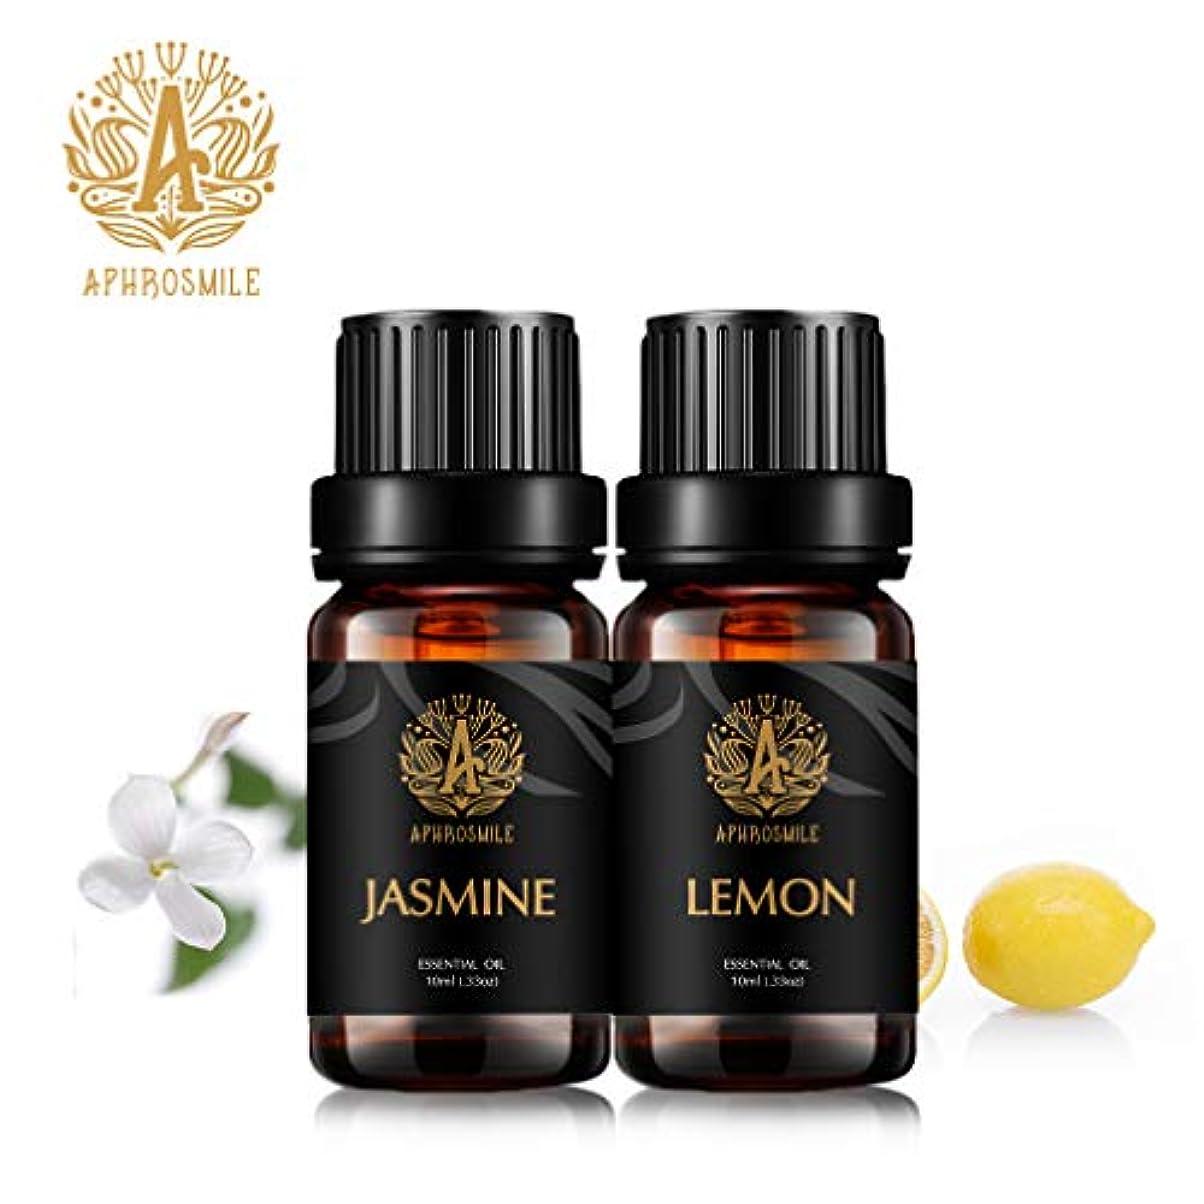 リファインアルネ異議APHORSMILE JP 100% 純粋と天然の精油、レモン/ジャスミン、2 /10mlボトル - 【エッセンシャルオイル】、アロマテラピー/デイリーケア可能